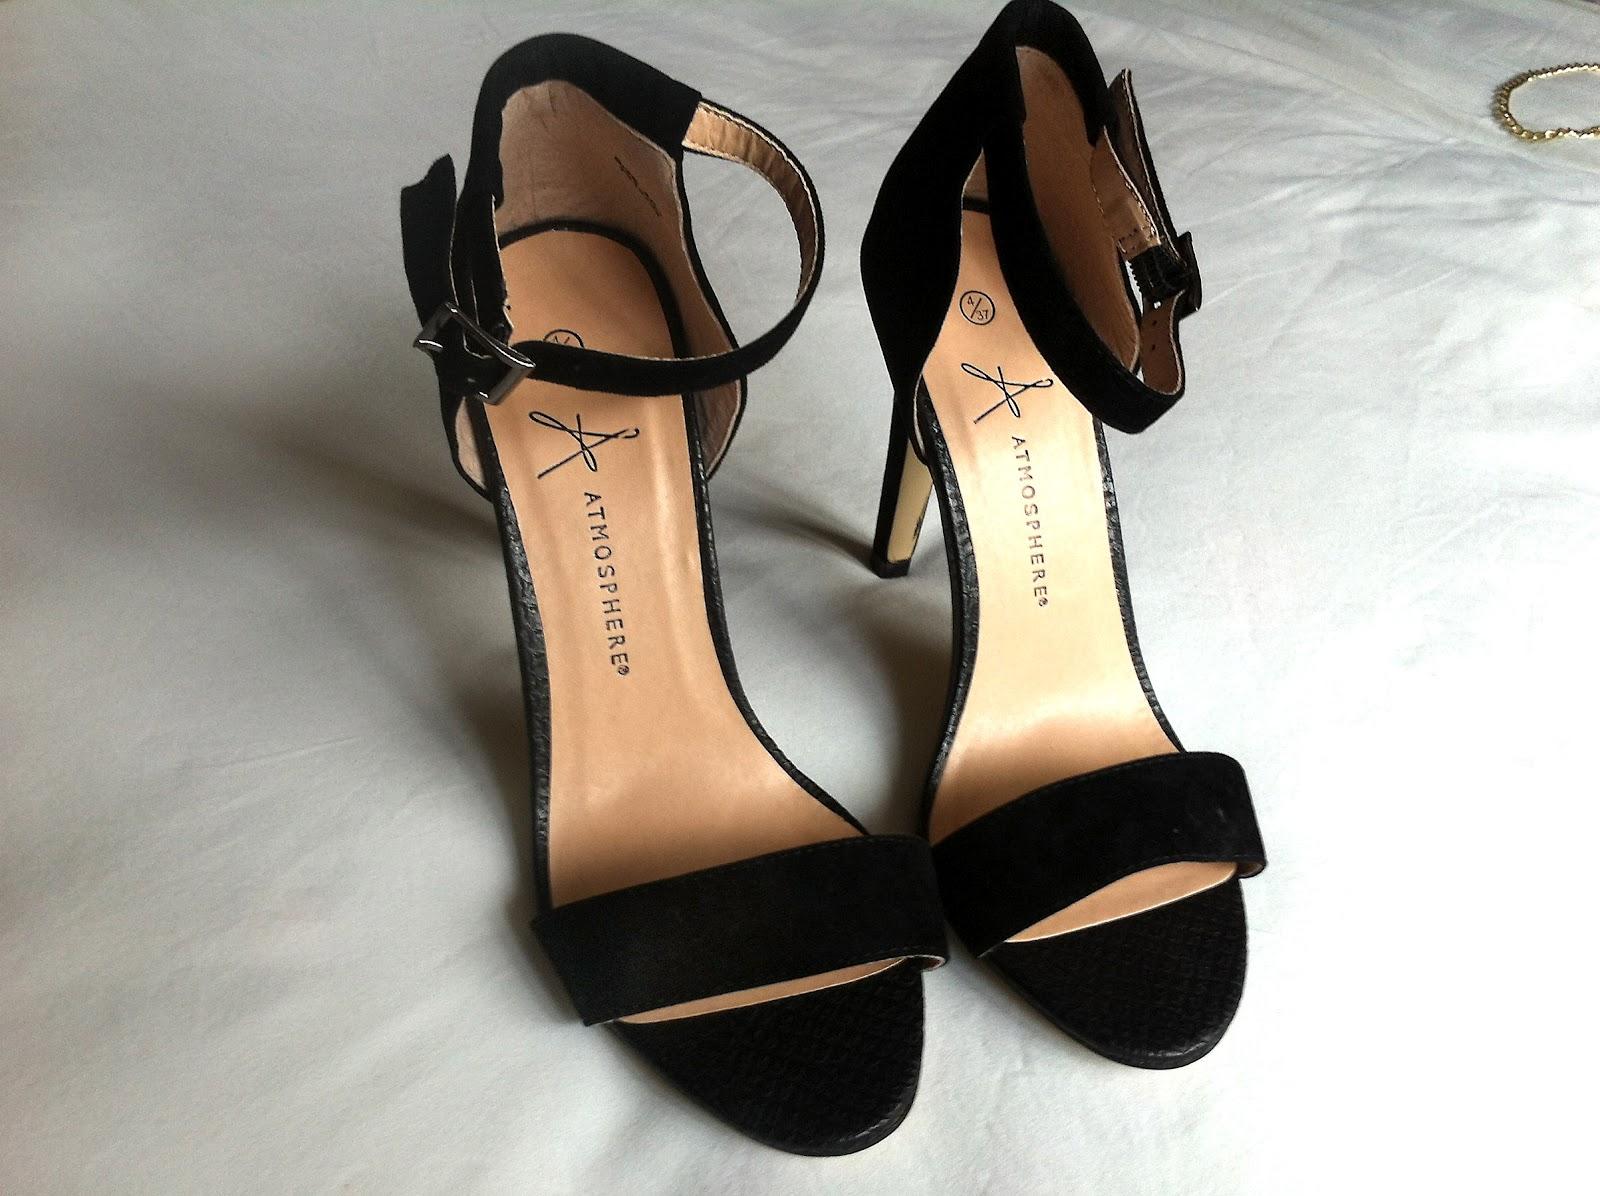 Black sandals primark - Haul Primark H M